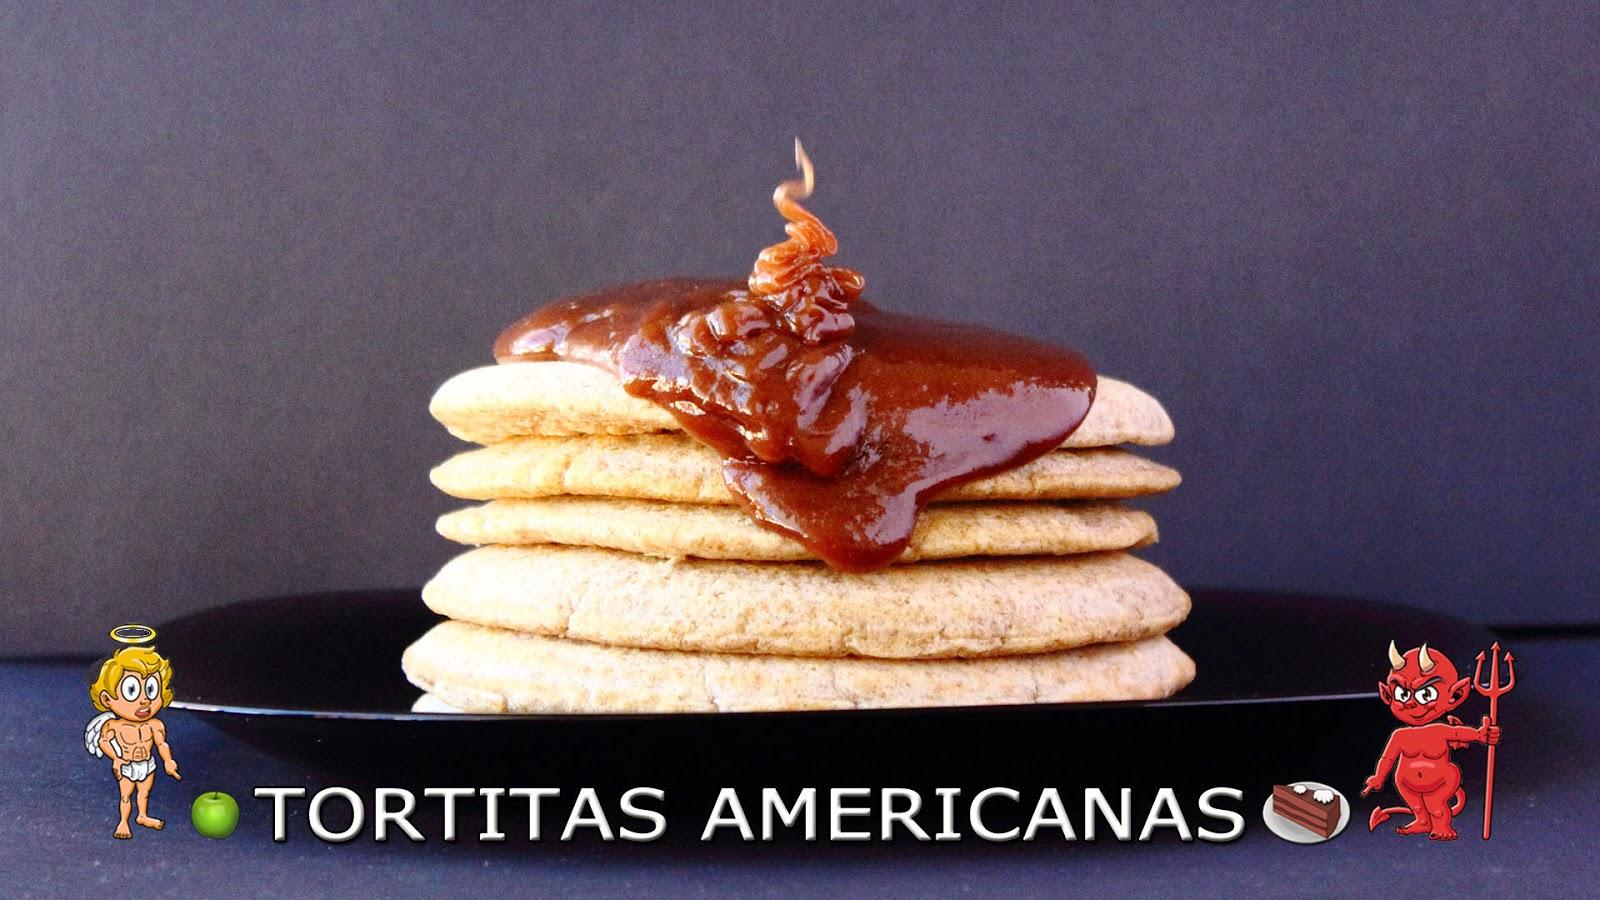 CON VIDEO. COCINA FÁCIL Y SANA. Receta saludable de esponjosas tortitas americanas (pancakes o panqueques) baja en calorías y apta para diabéticos.